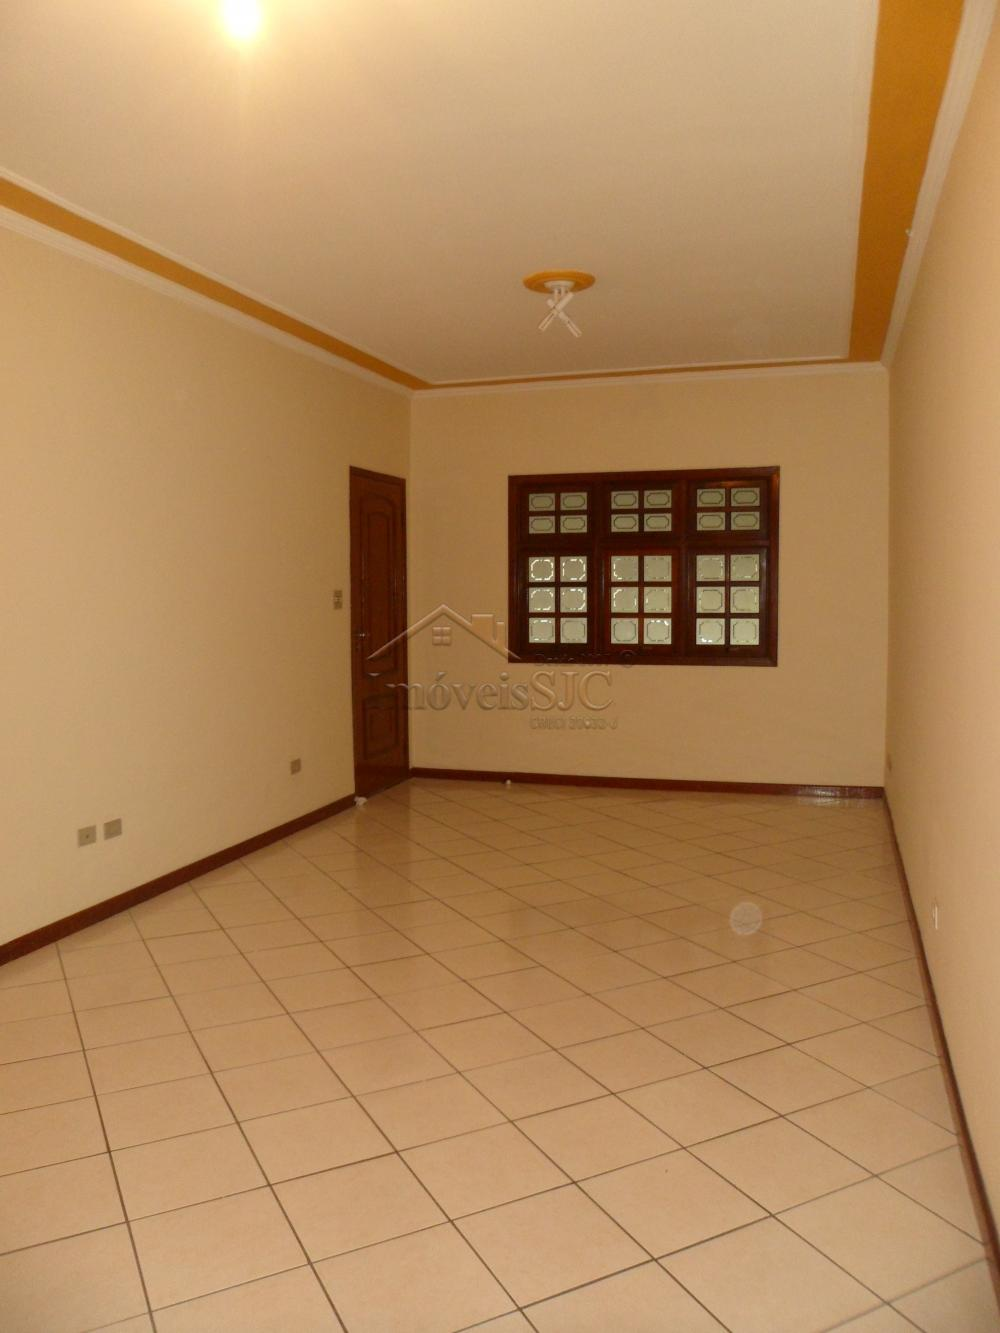 Comprar Casas / Padrão em São José dos Campos apenas R$ 465.000,00 - Foto 3